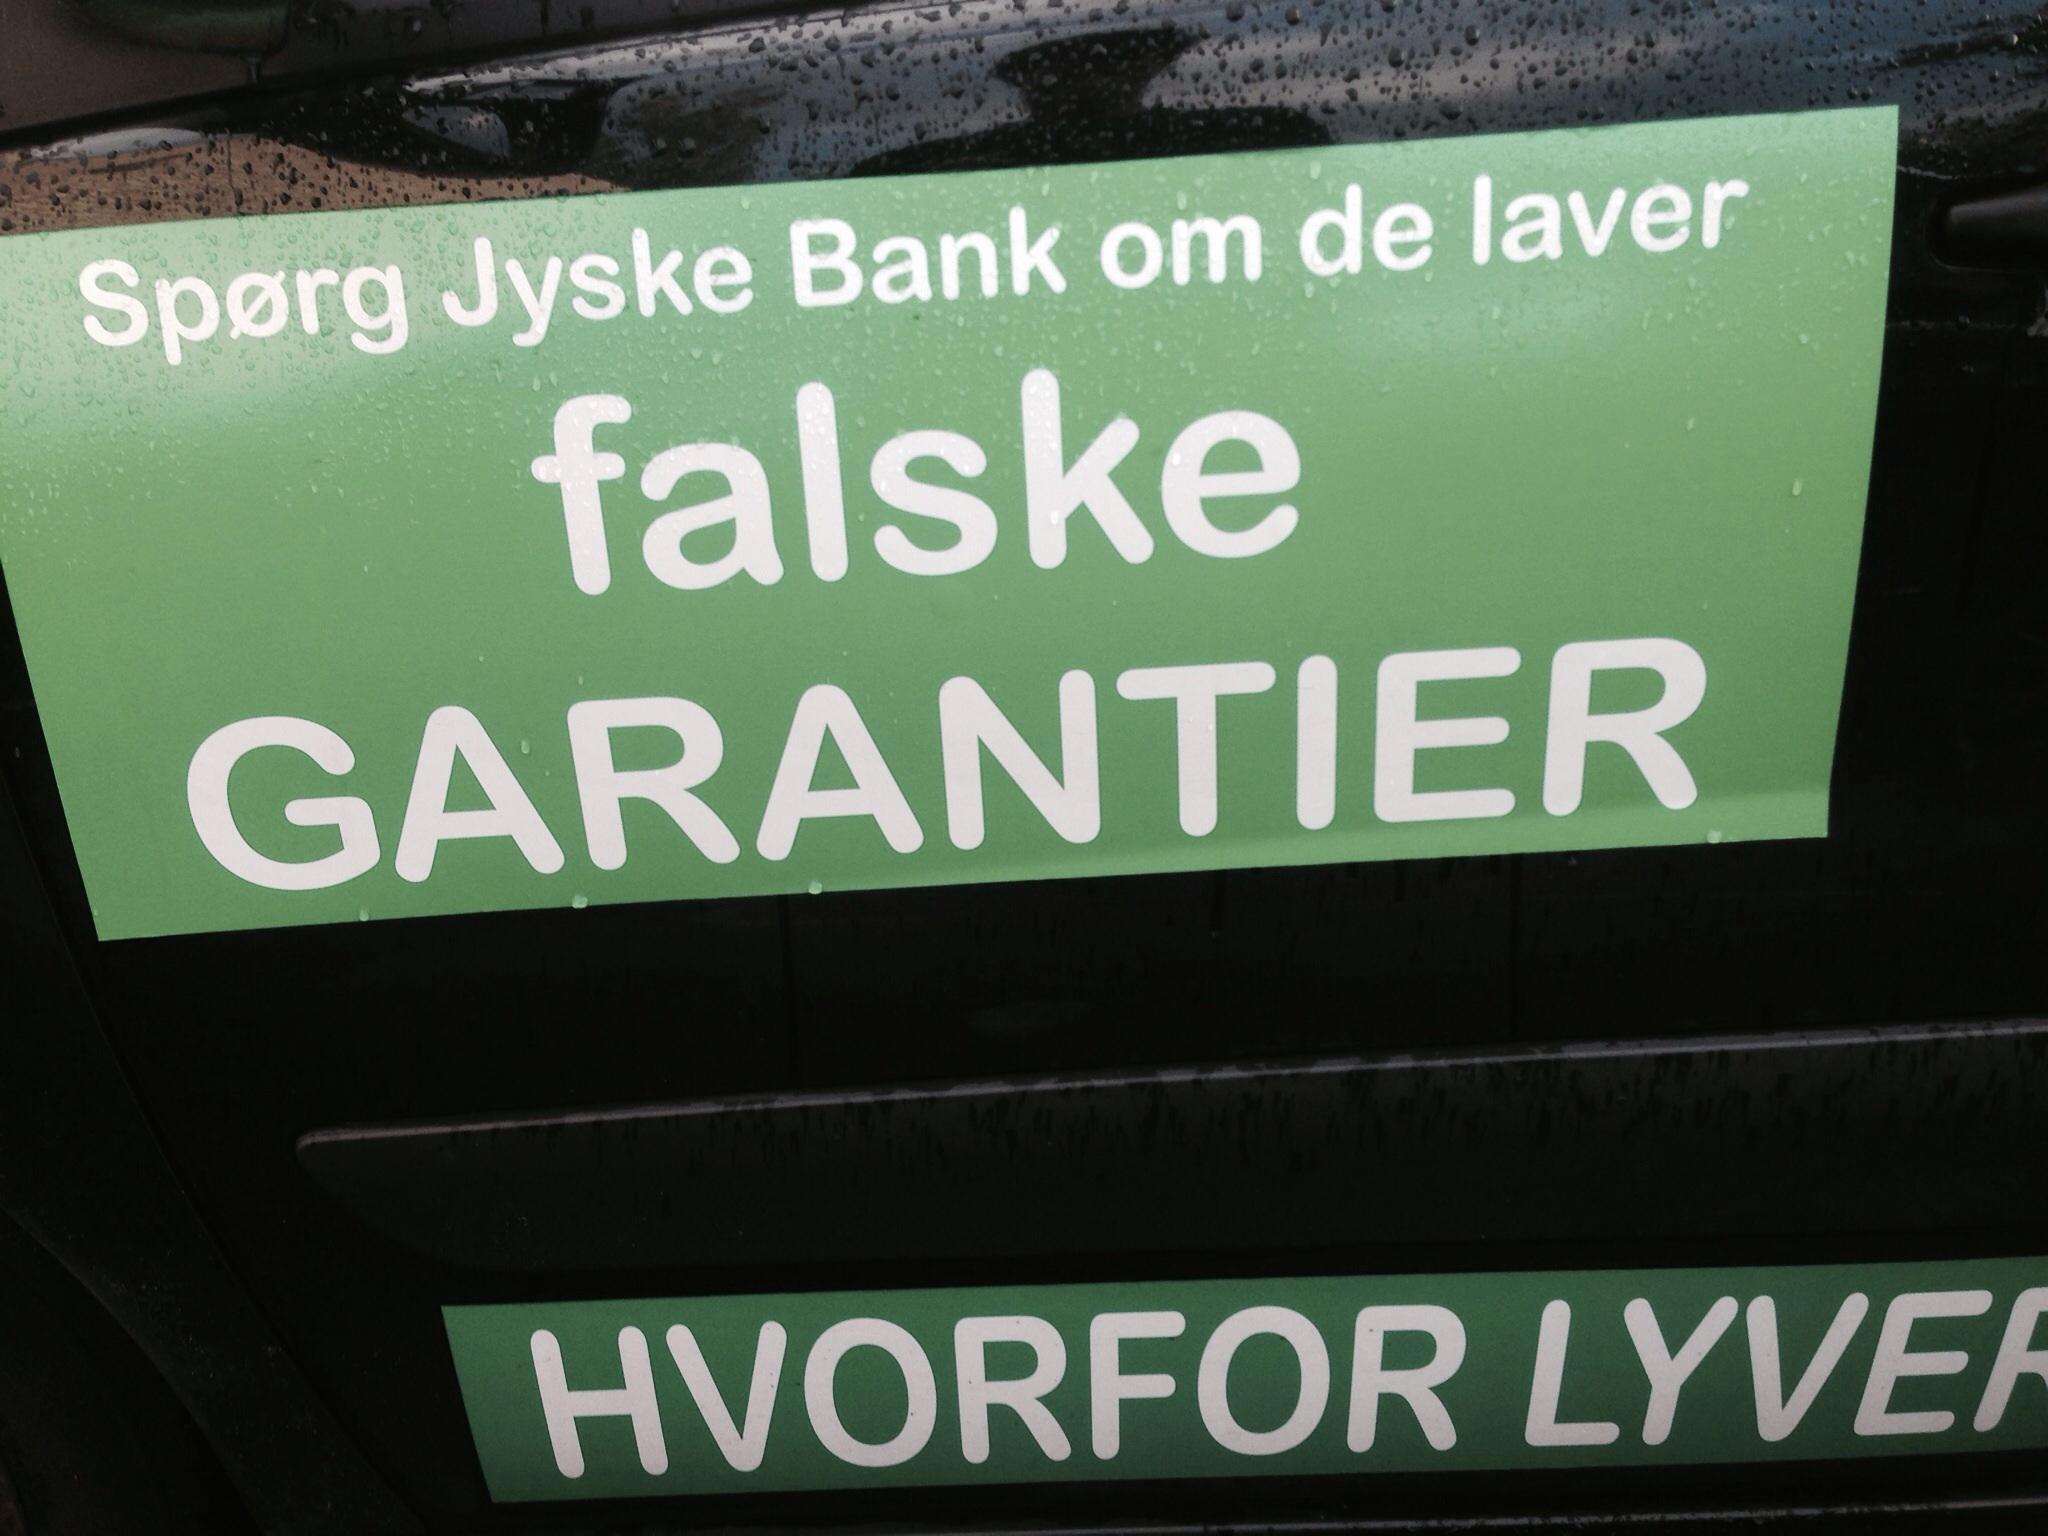 Nationalbanken statsgaranti låneramme huslån bolig lån superlån brf kredit GF ATP PFA JYSKEFINANS BILLÅN BYGGELÅN Vil ingen i jyske bank svare på nogle af de mange spørgsmål. Vi afventer rapporten der omhandler jyske Banks måde at drive deres bank på. Og lad os bare sige det som det er JYSKE BANK HAR LAVET MANGE FODFEJL OG NU VED JYSKE BANK IKKE HVILKET BEN DE SKAL STÅ PÅ, MIN ADVOKAT HAR SAGT JYSKE BANK VIL INTET INDRØMME ELLER UNDSKYLDE NOGET SOM HELST. MED DERFOR KAN DE VEL GODT SVARE KUNDE SOM BARE ØNDKER SVAR VI KAN GENNEMGÅ LISTEN MED JA NEJ SPØRGSMÅL, så er vi på vej Koncernledelse jyske bank Koncernbestyrelsen Sven Buhrkall Kurt Bligaard Pedersen Rina Asmussen Philip Baruch Jens A. Borup Keld Norup Christina Lykke Munk Haggai Kunisch Marianne Lillevang Koncerndirektionen Anders Dam Leif F. Larsen Niels Erik Jakobsen Per Skovhus Peter Schleidt Sagen historien om Nykredit og jyskebank handler om: Bedrageri Svindel Løgne Tyveri Underslæb Mandatsvig Svig Dokumentfalsk, At dække over forbrydelser At skjule forbrydelser At nægte kunder svar Om at lyve over for retten udelukket for at kunne fortsætte bedrageriske forhold. Se dagbogen på www.banknyt.dk Vi søge åbenhed og dialog med jyske bank, har kunde hjemtaget et lån på 4.328.000 kr. i Nykredit eller ej, fundamentet i jyske bank beskriver banken som åben. Men her lyver jyske bank, Når jyske bank nægter at svare kunder, nægter dem aktindsigt , og forbyder kunder at kontakte banken i sag om bedrageri Så er der noget galt et sted i banken Kunden her bliver ved og ved og ved Efter en indlæggelse grundet en hjerneblødning, blev der sat nye batterier i, de kan genoplades. DURACELL BATTERIER ELLER PITBULL VÆLG SELV. Har kunde bagefter lavet en rente bytte. Rente Swap, eller er der tale om Svig eller måske dokument falsk, til et falsk lån. En snak med jyske bank kunne kaste lys over sagen, har kunden ret eller har jyske bank. Jyske Banks enste kommentar til kunden er Jyske Bank Morten Ulrik Gade Anders Christian Dam Lund